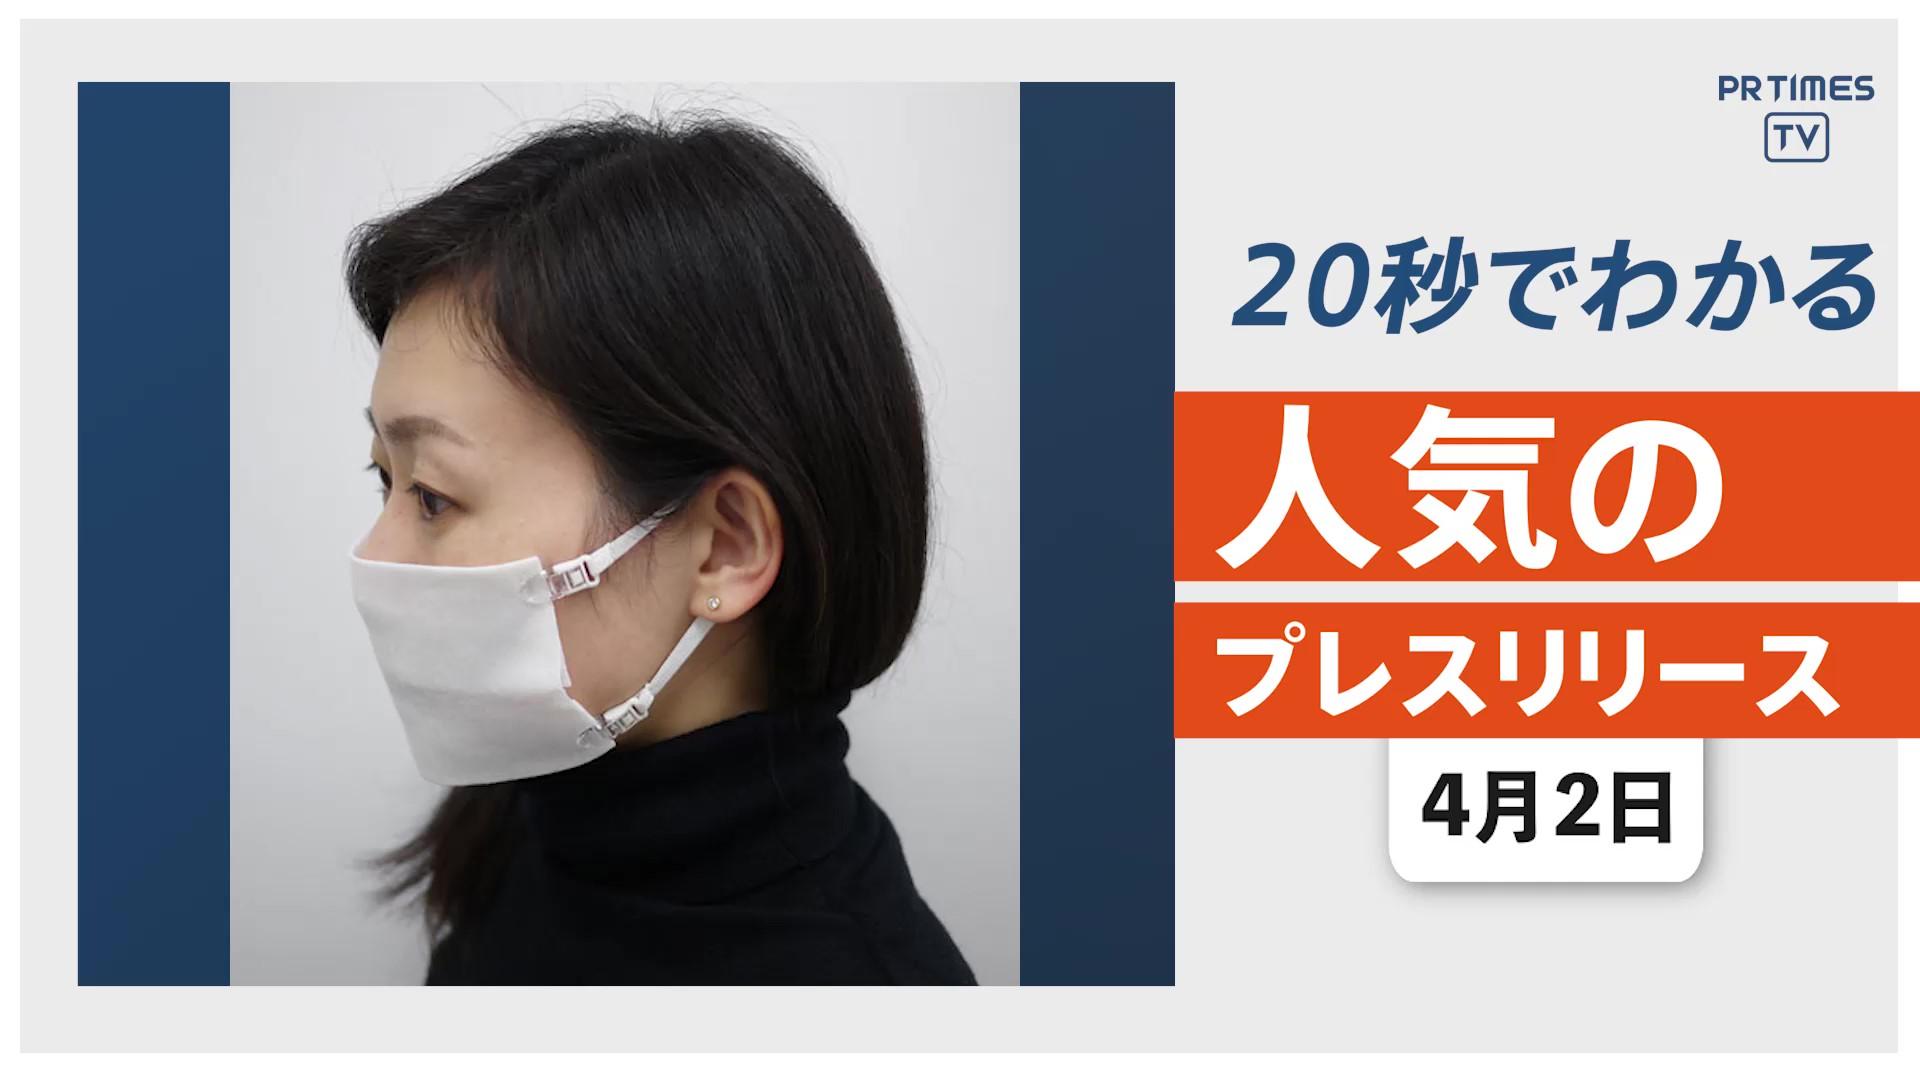 【どんな生地でもマスクに早変わり『なんでもマスク』新発売】他、新着トレンド4月2日